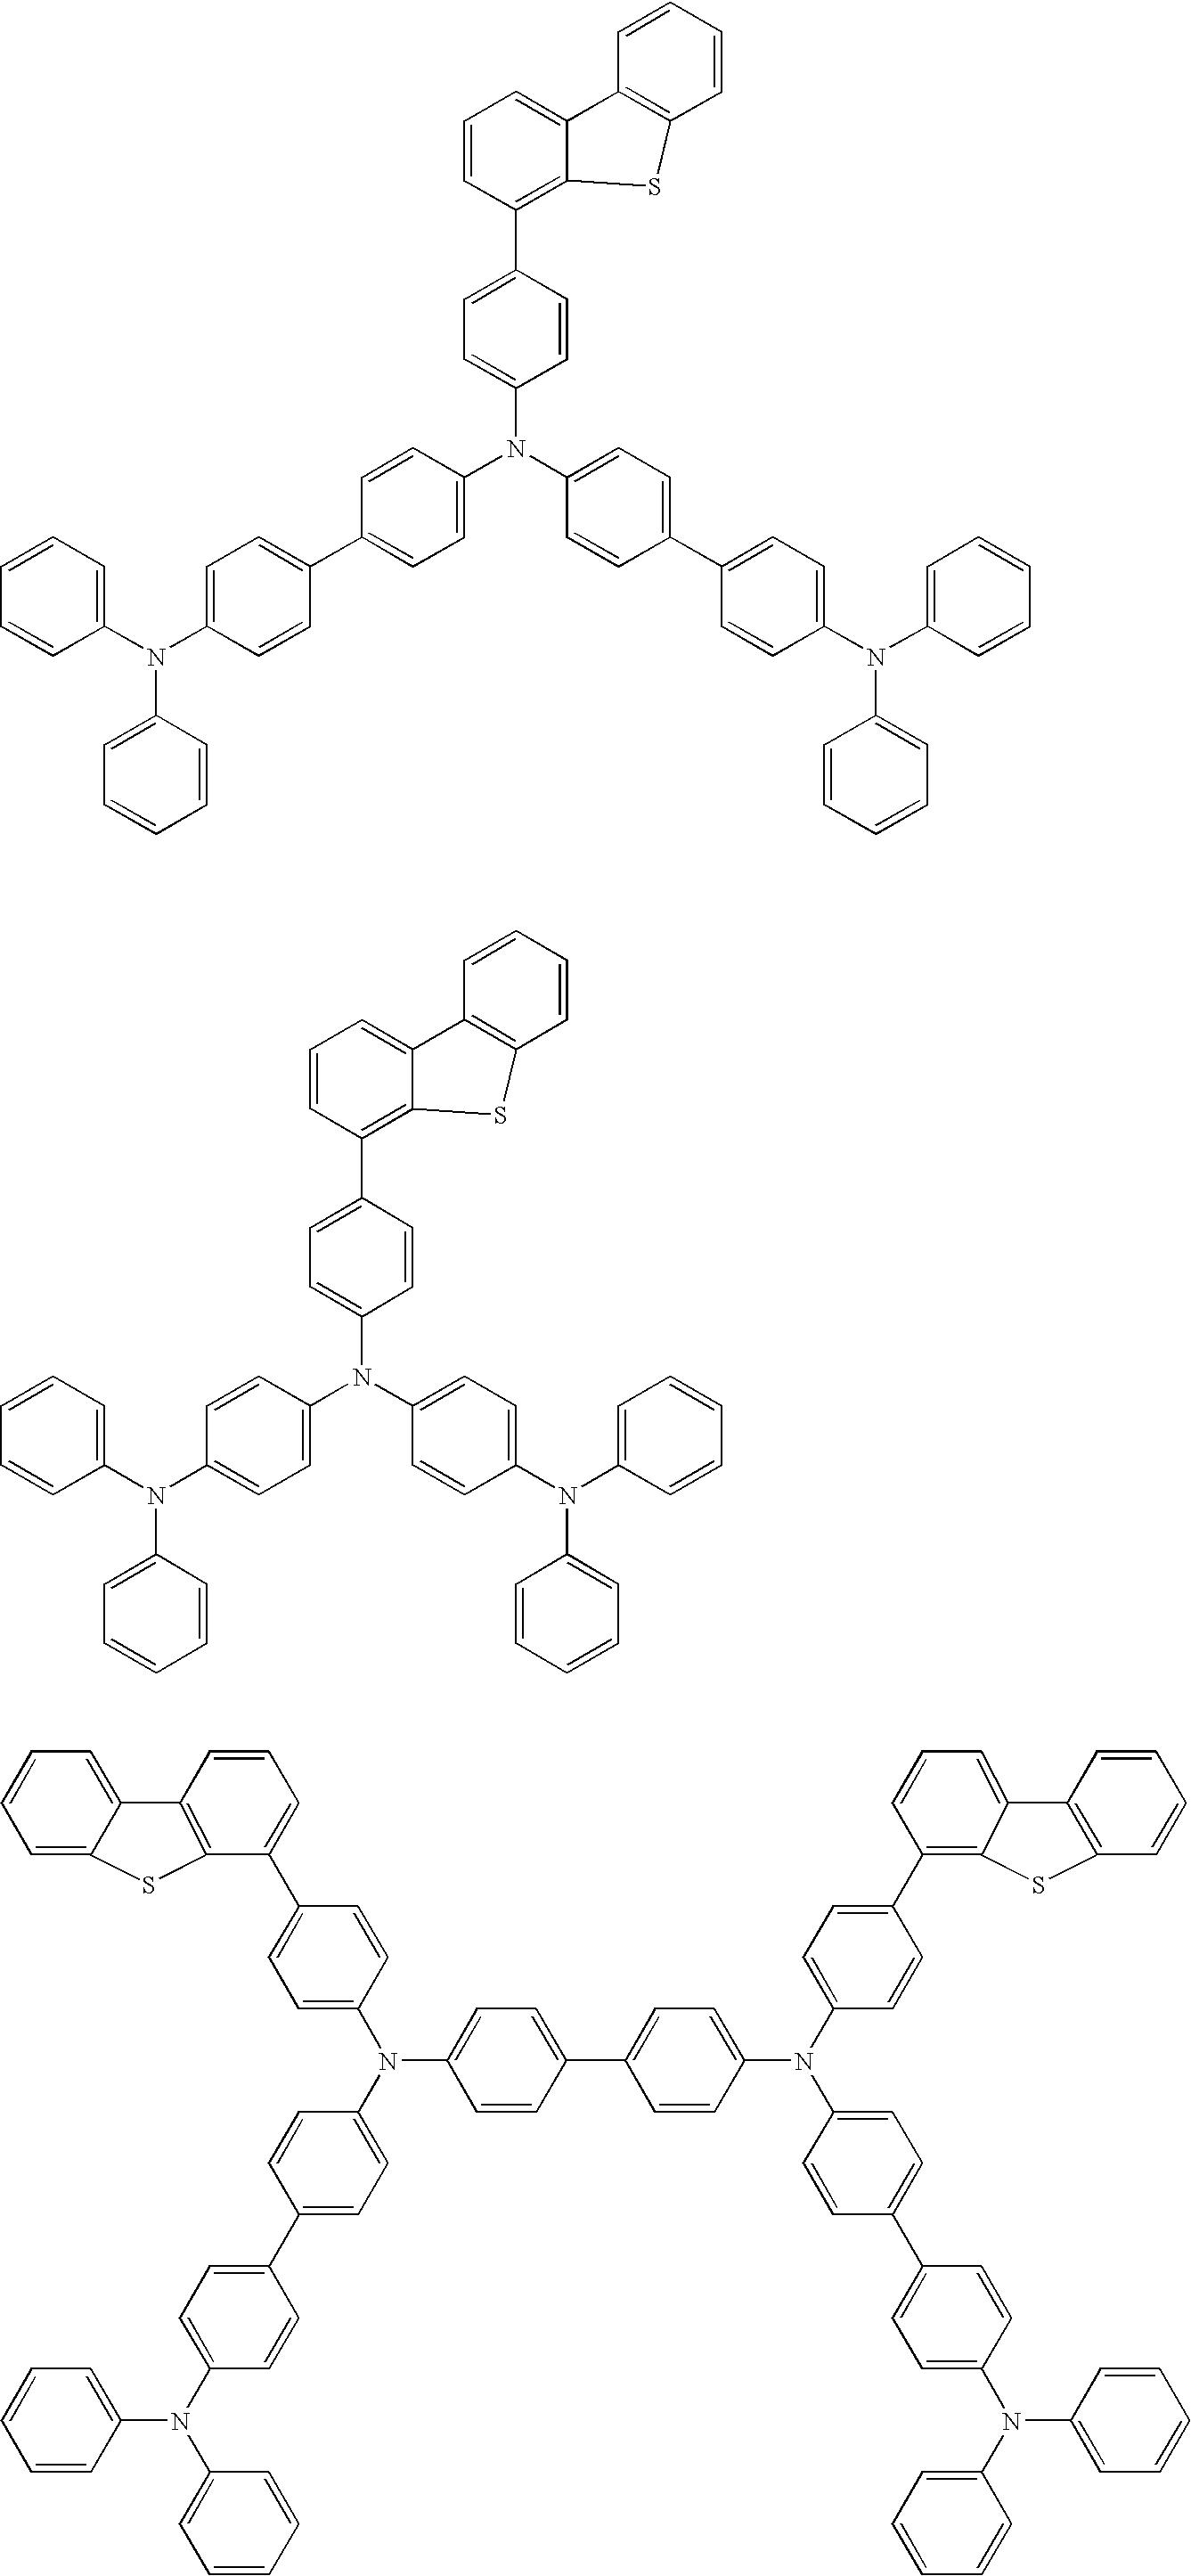 Figure US20070278938A1-20071206-C00024